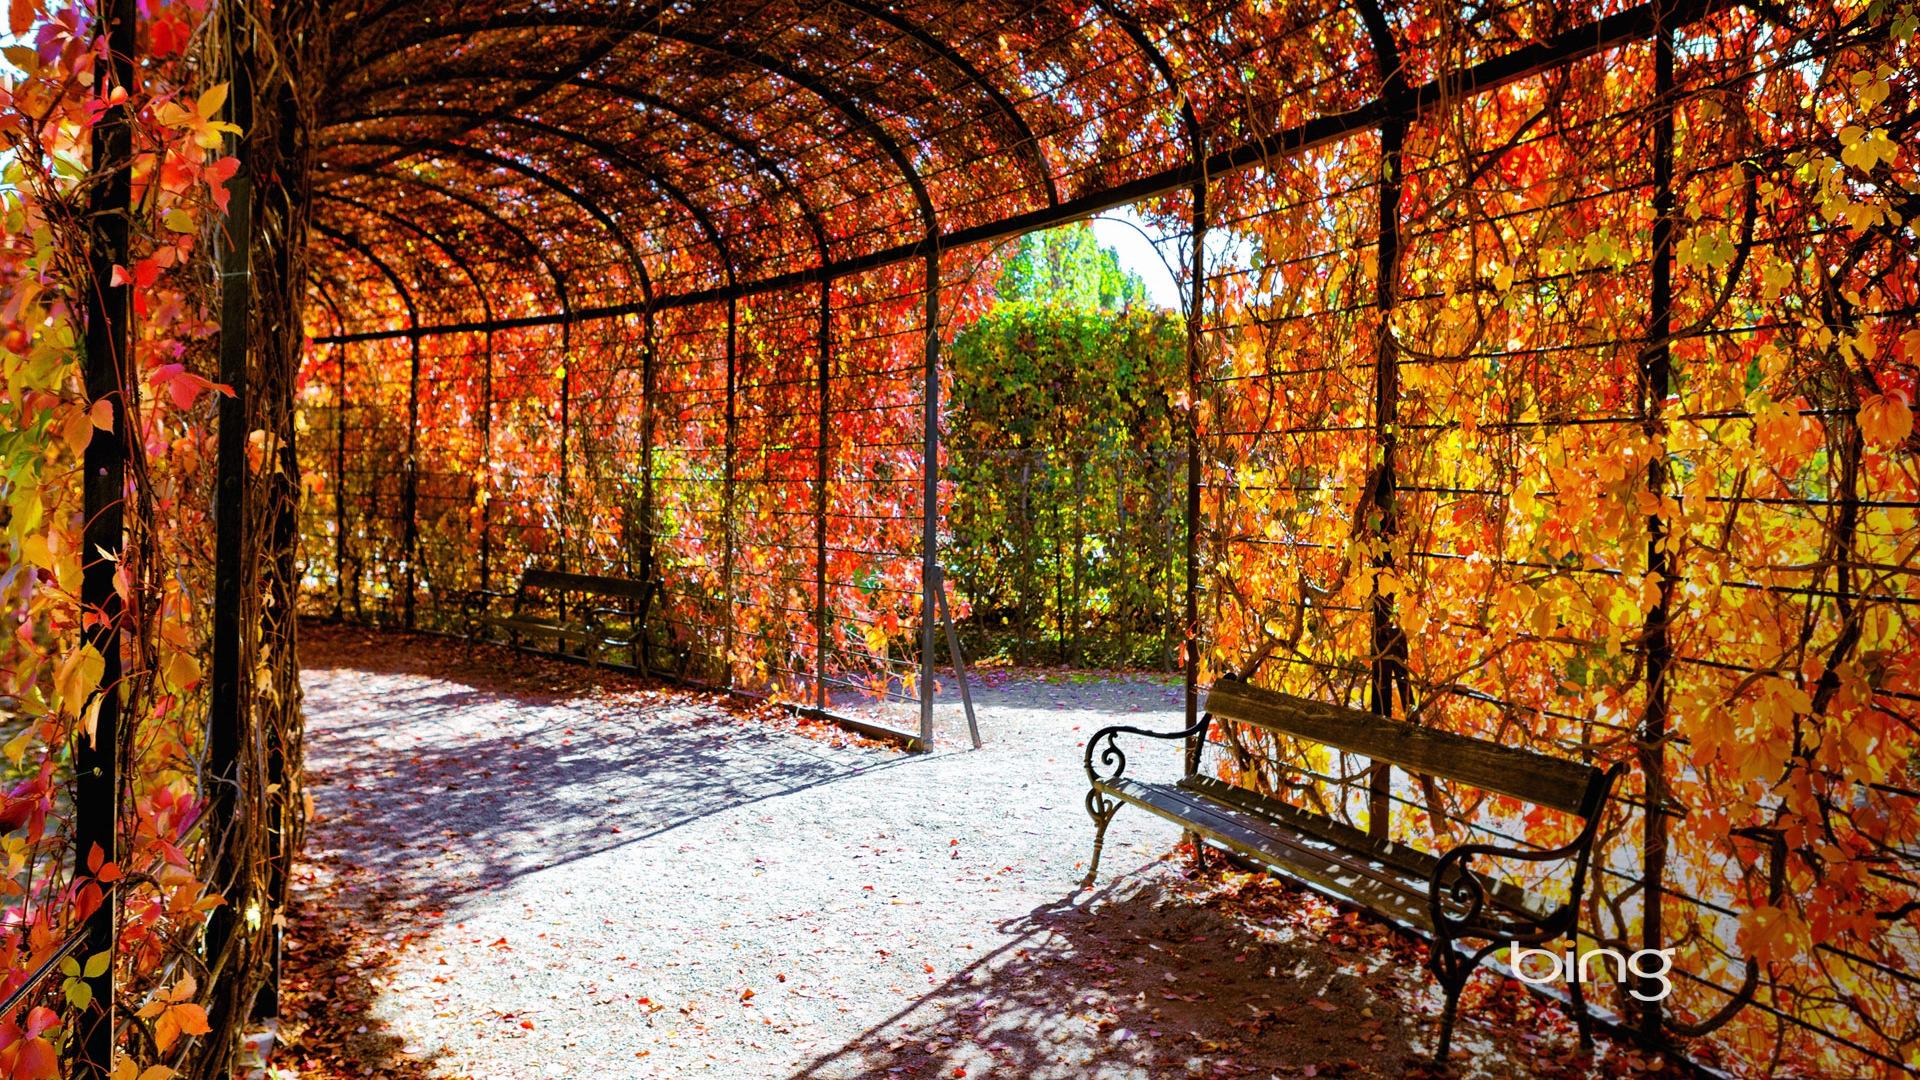 2013 bing paysages automne animaux fonds d 39 cran hd for Fondo de pantalla 1080 x 1920